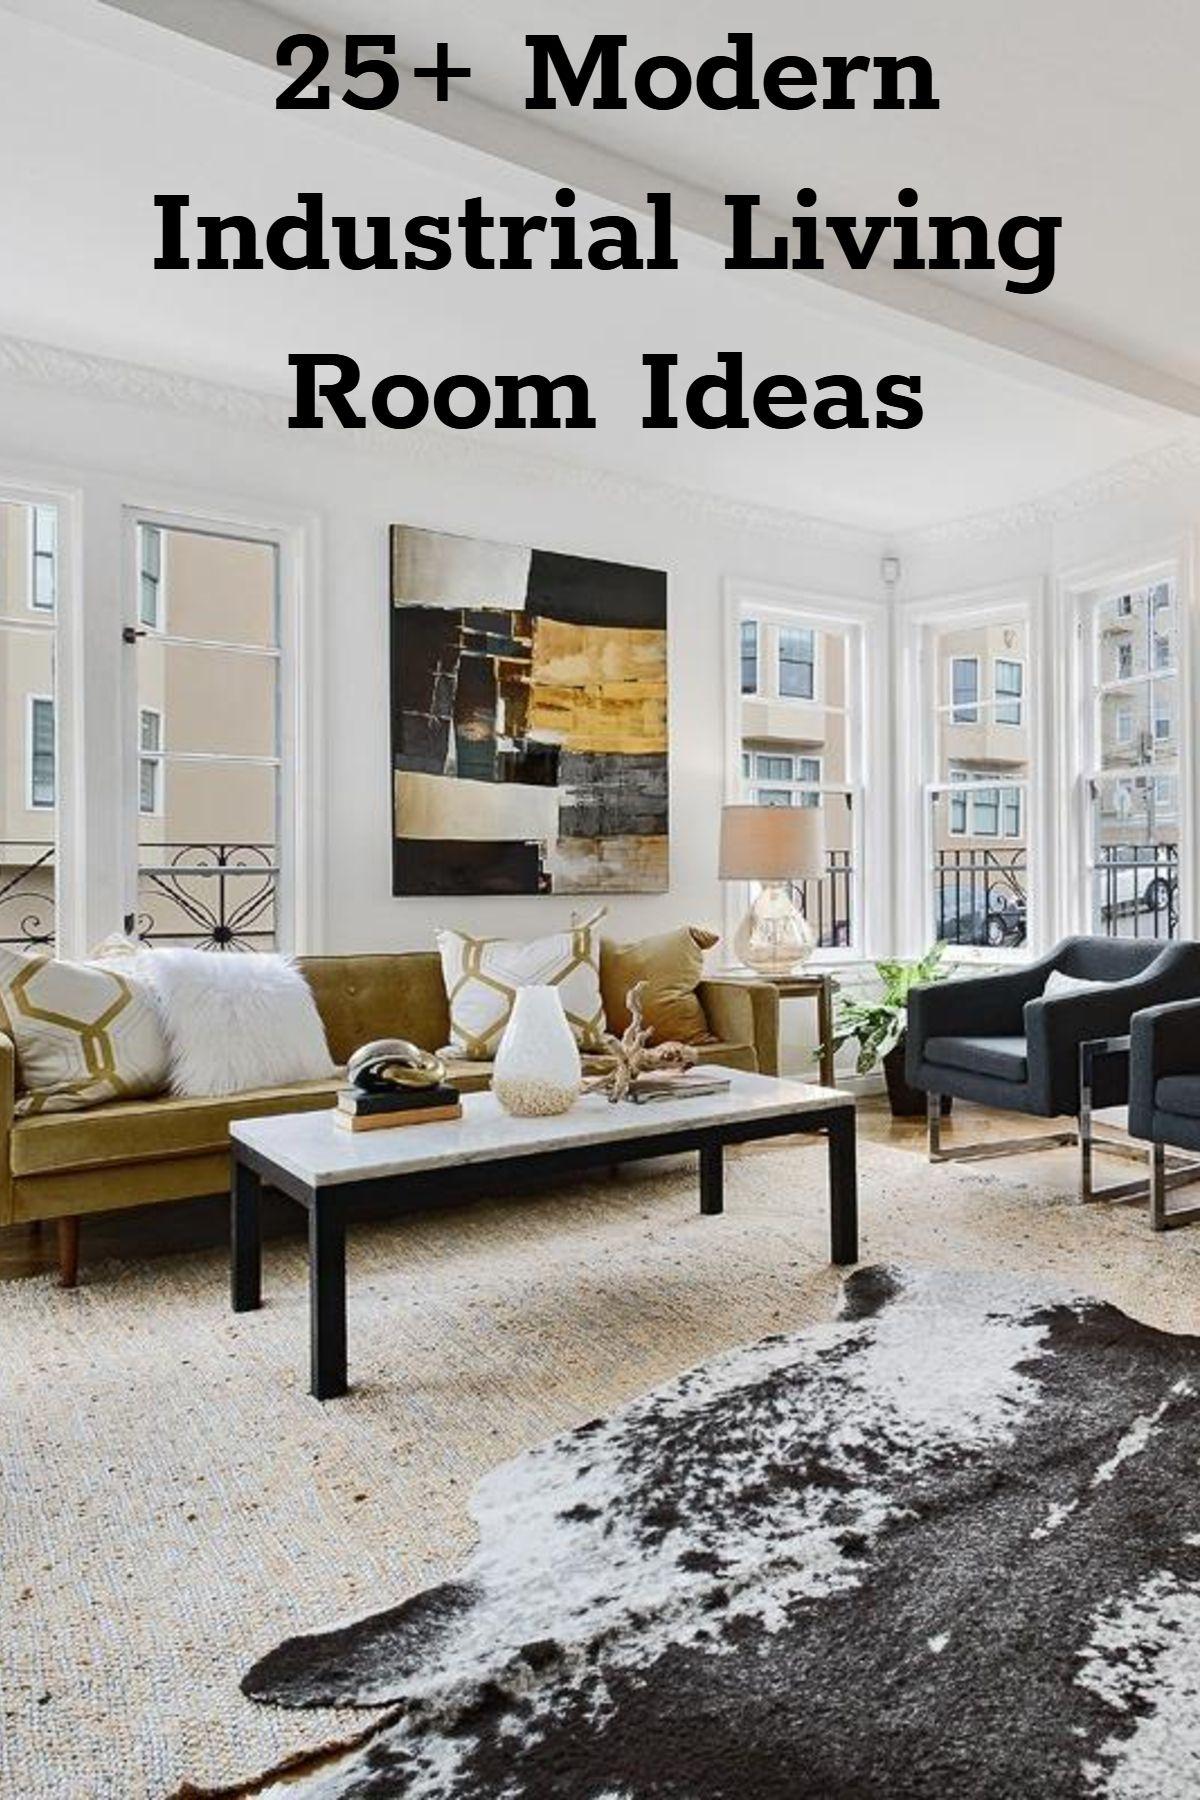 51 Industrial Living Room Decor Ideas Modern Industrial Living Room